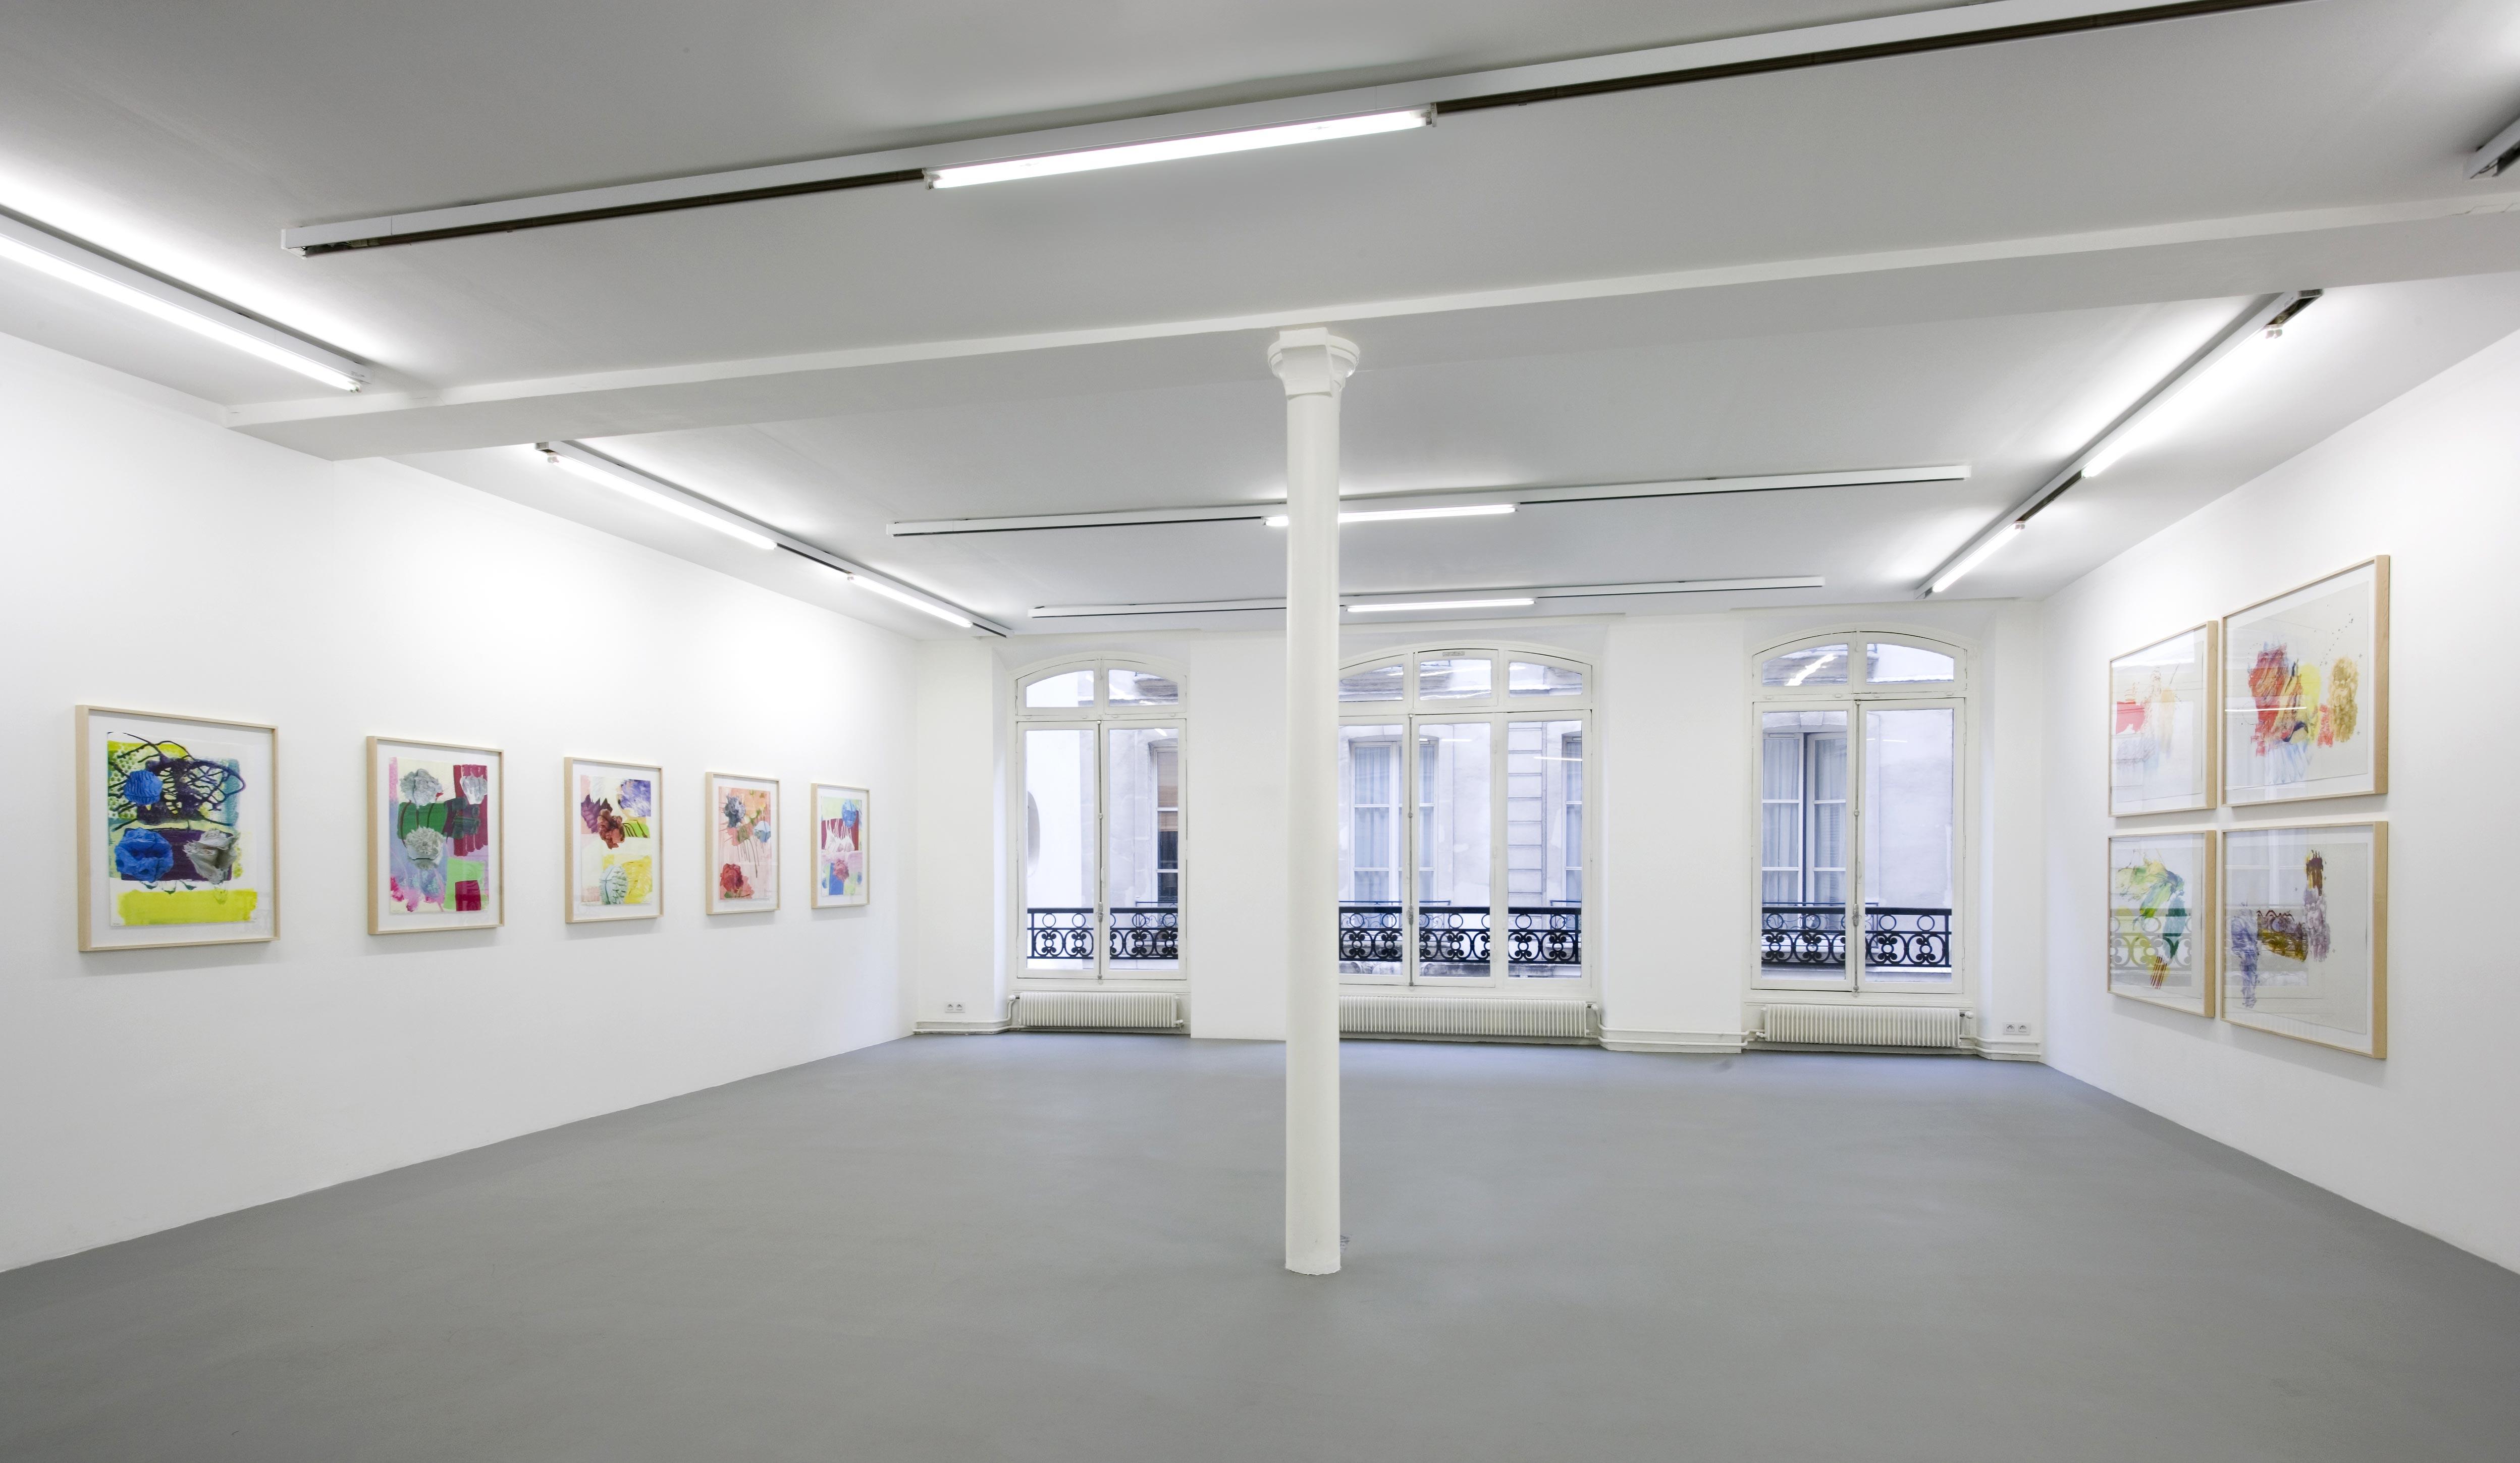 Projet d'architecture commerciale : création galerie d'art de 550m2 [custom:ville]